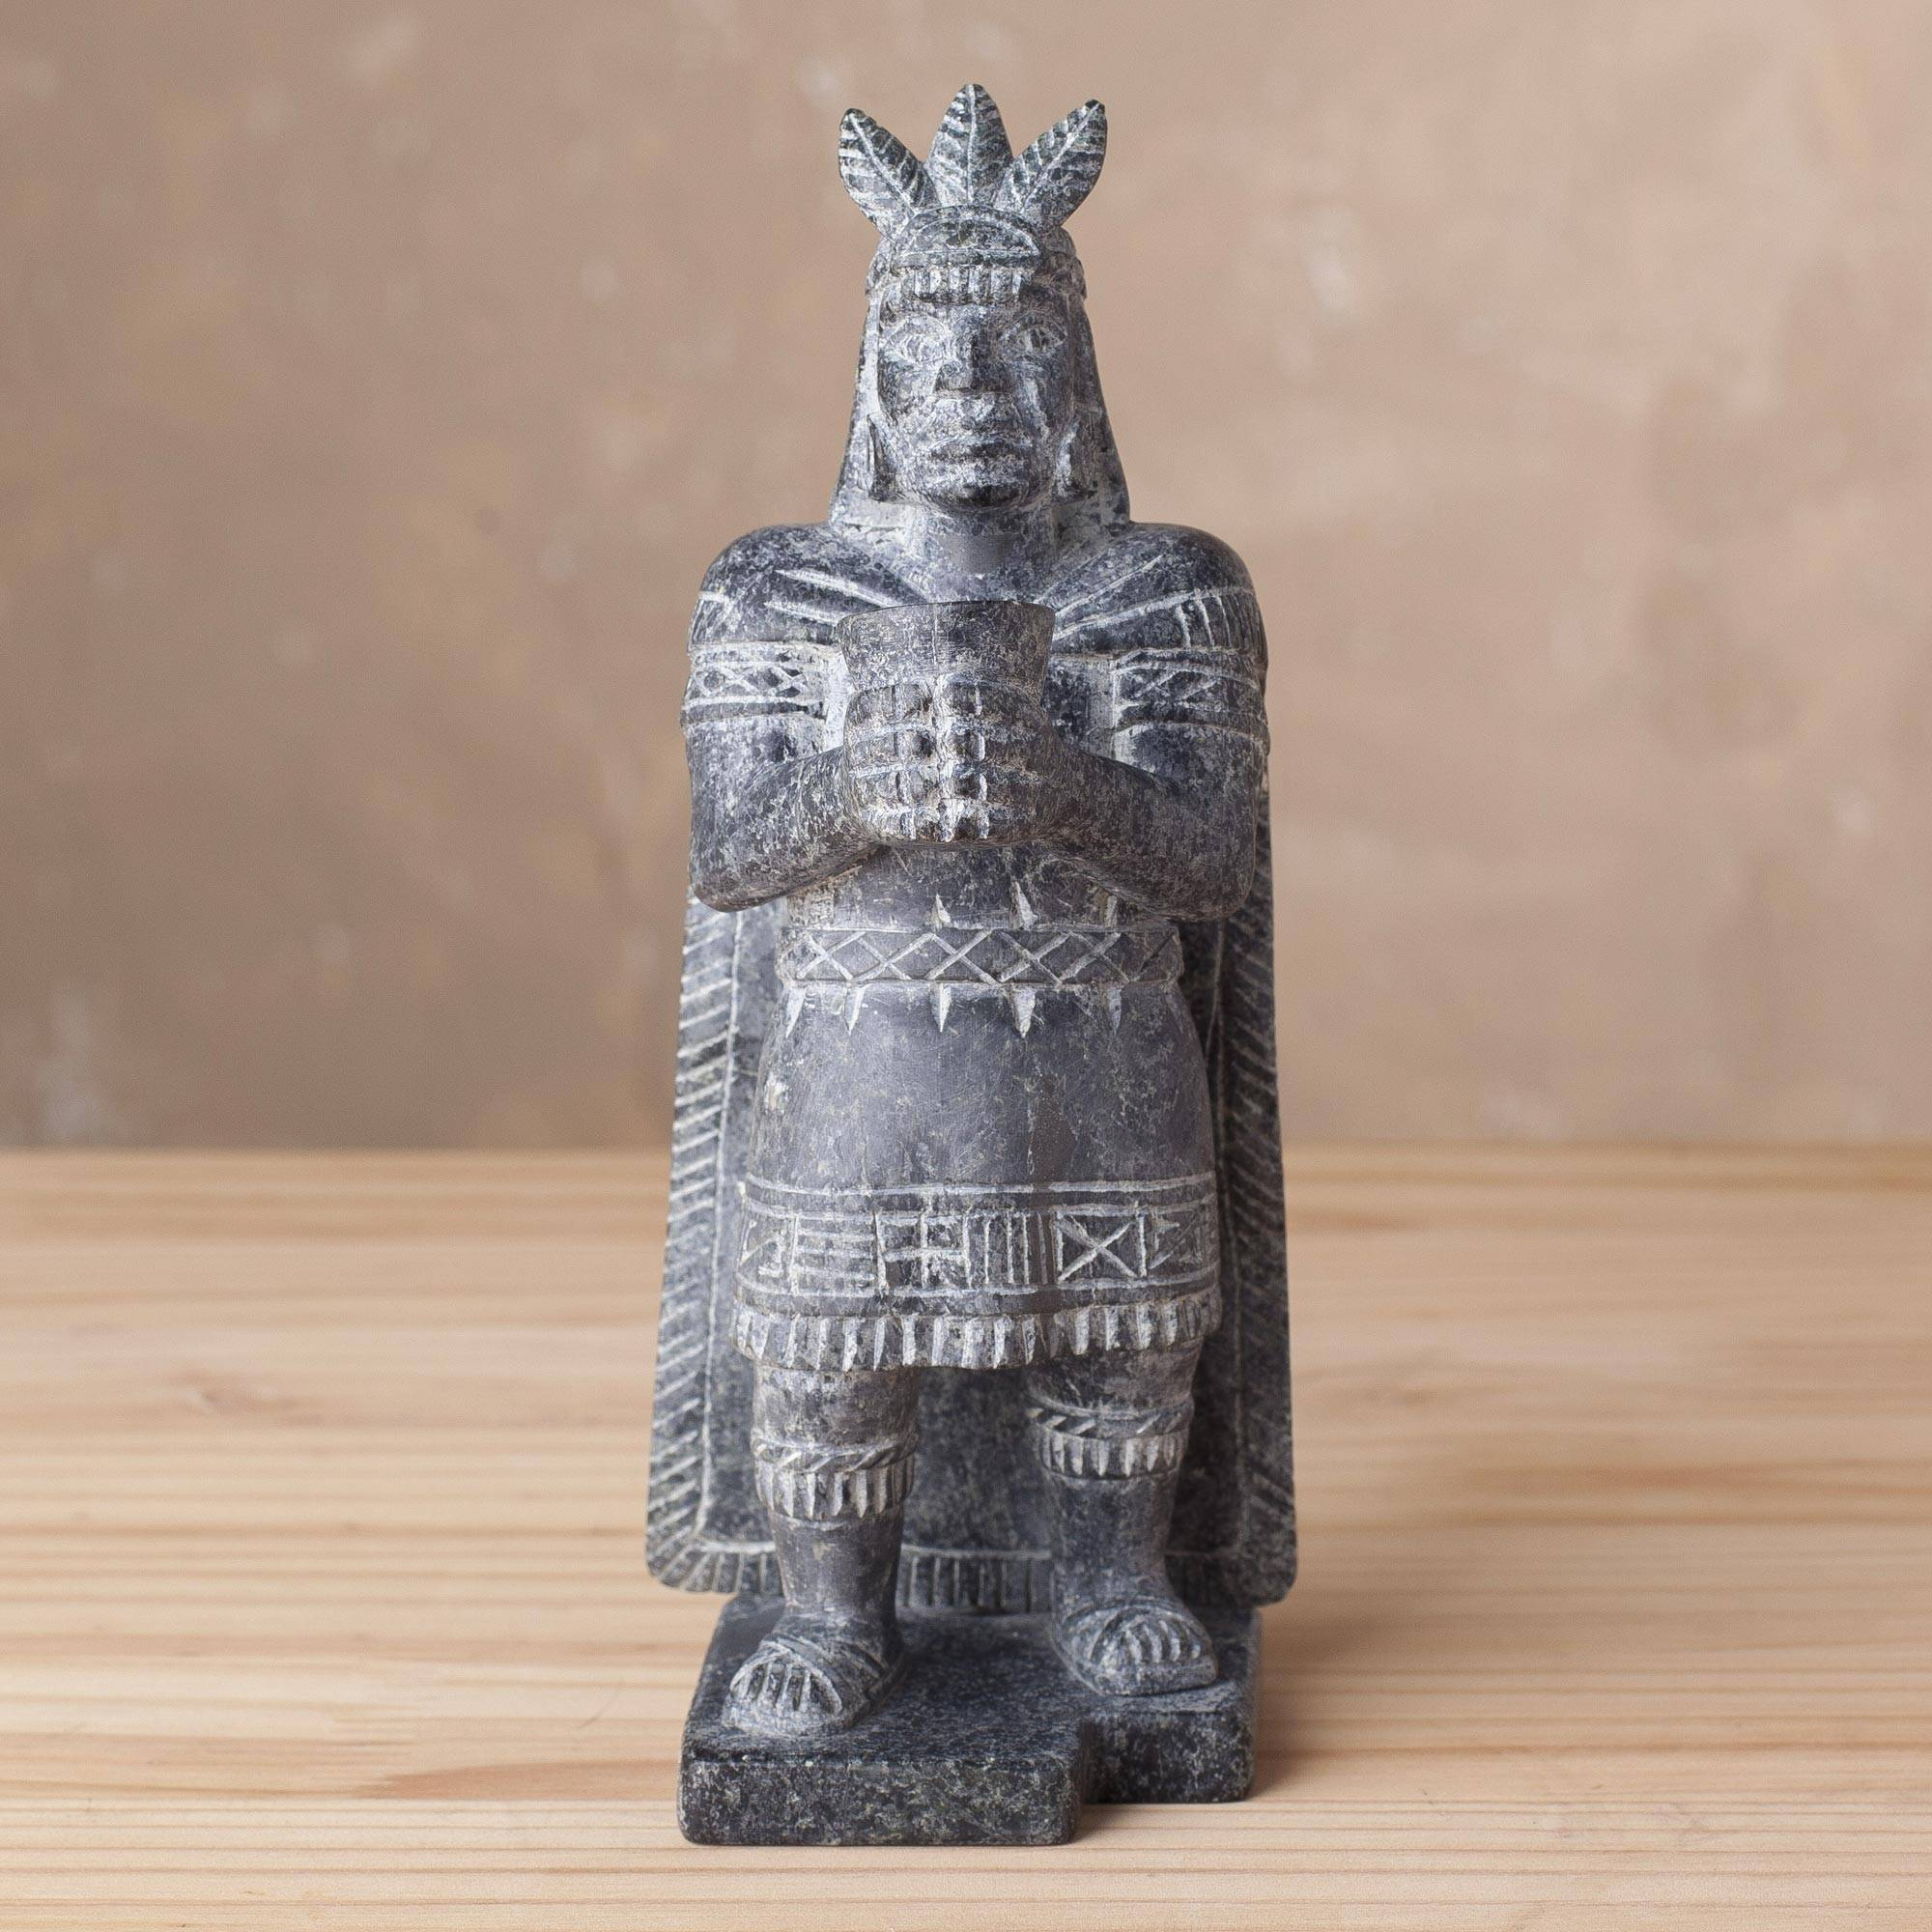 Inca Offering Cultural Serpentine Stone Inca Sculpture from Peru Peru's Inti Raymi Festival